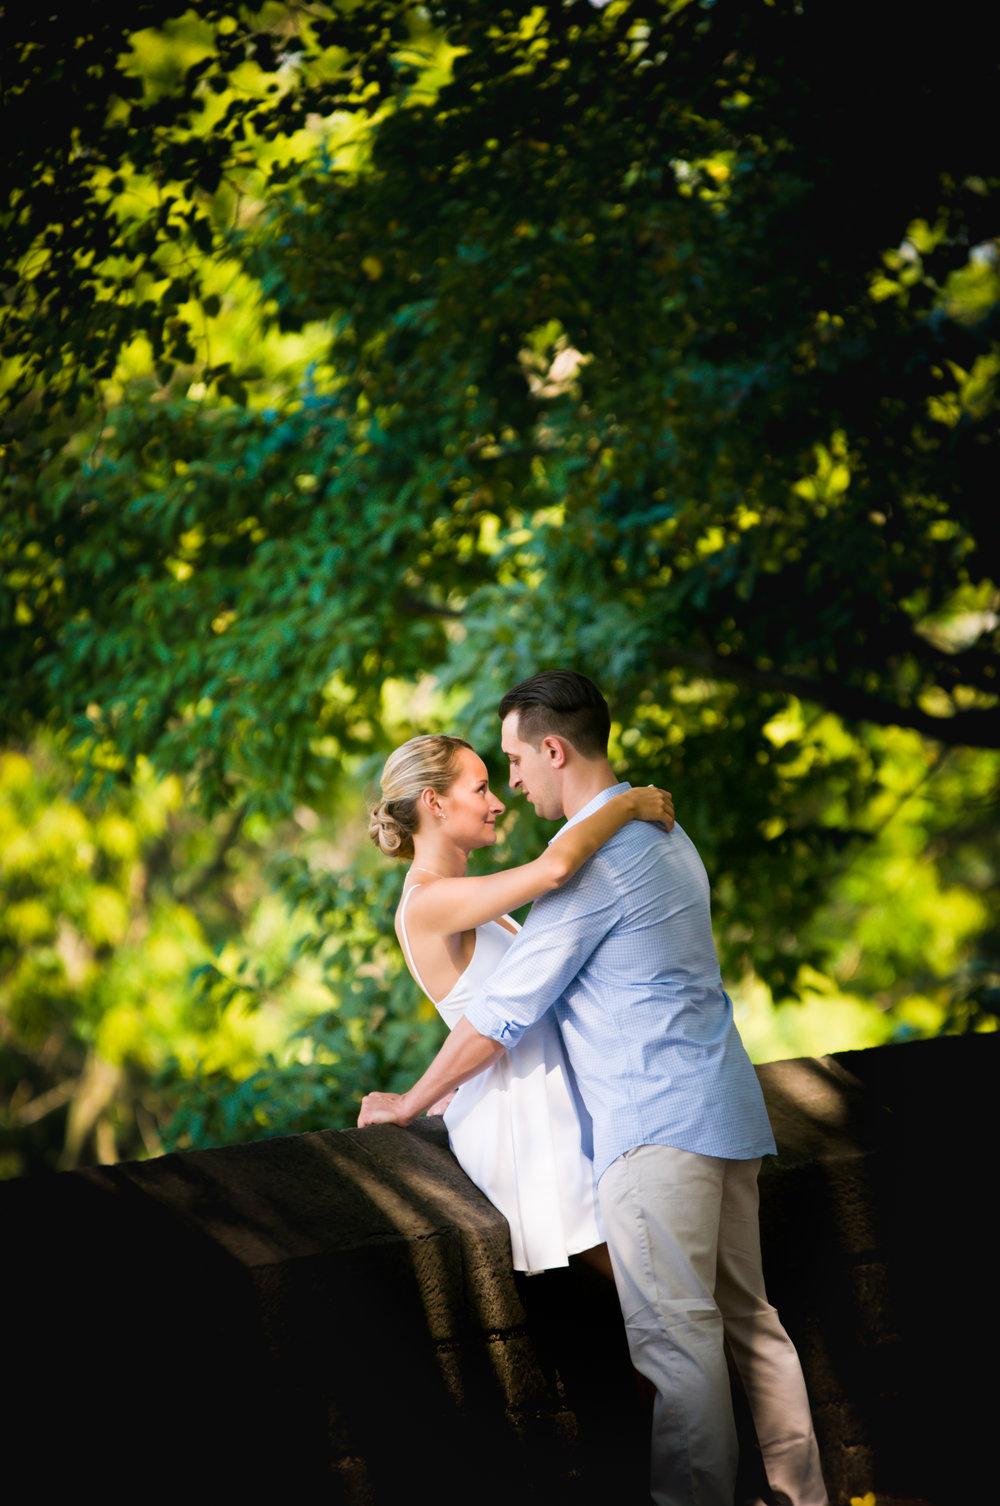 CArrieWestonStudios_NY_Portrait_Wedding_Photography_Northport_JoeandSarah-15.jpg